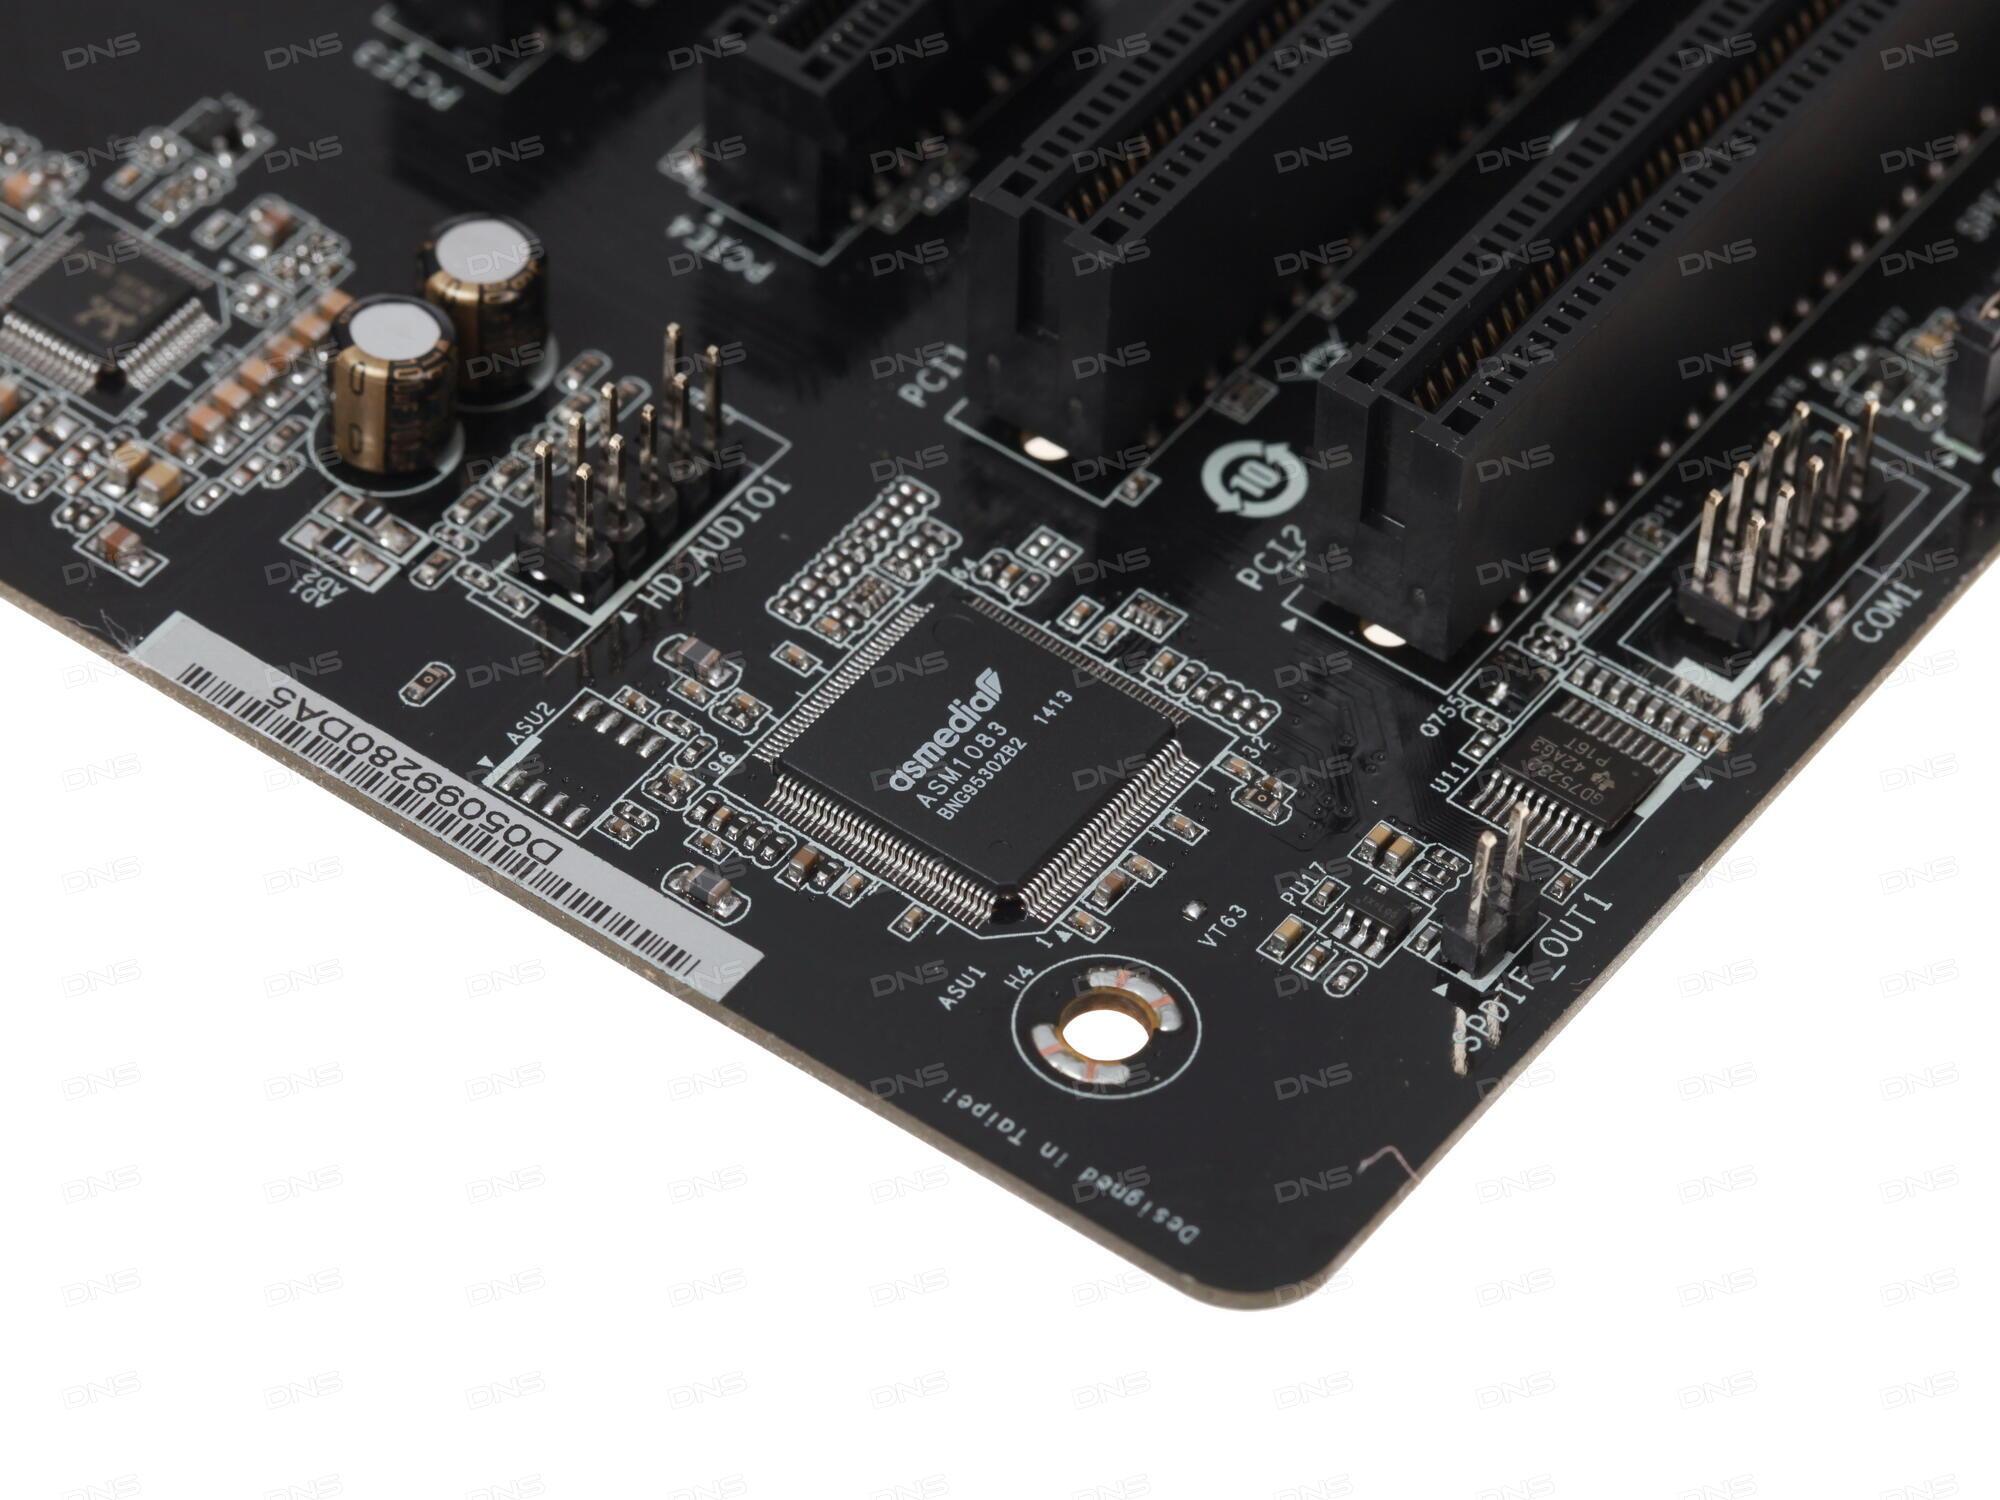 ASRock Z97 Pro3 specificaties  nlhardwareinfo